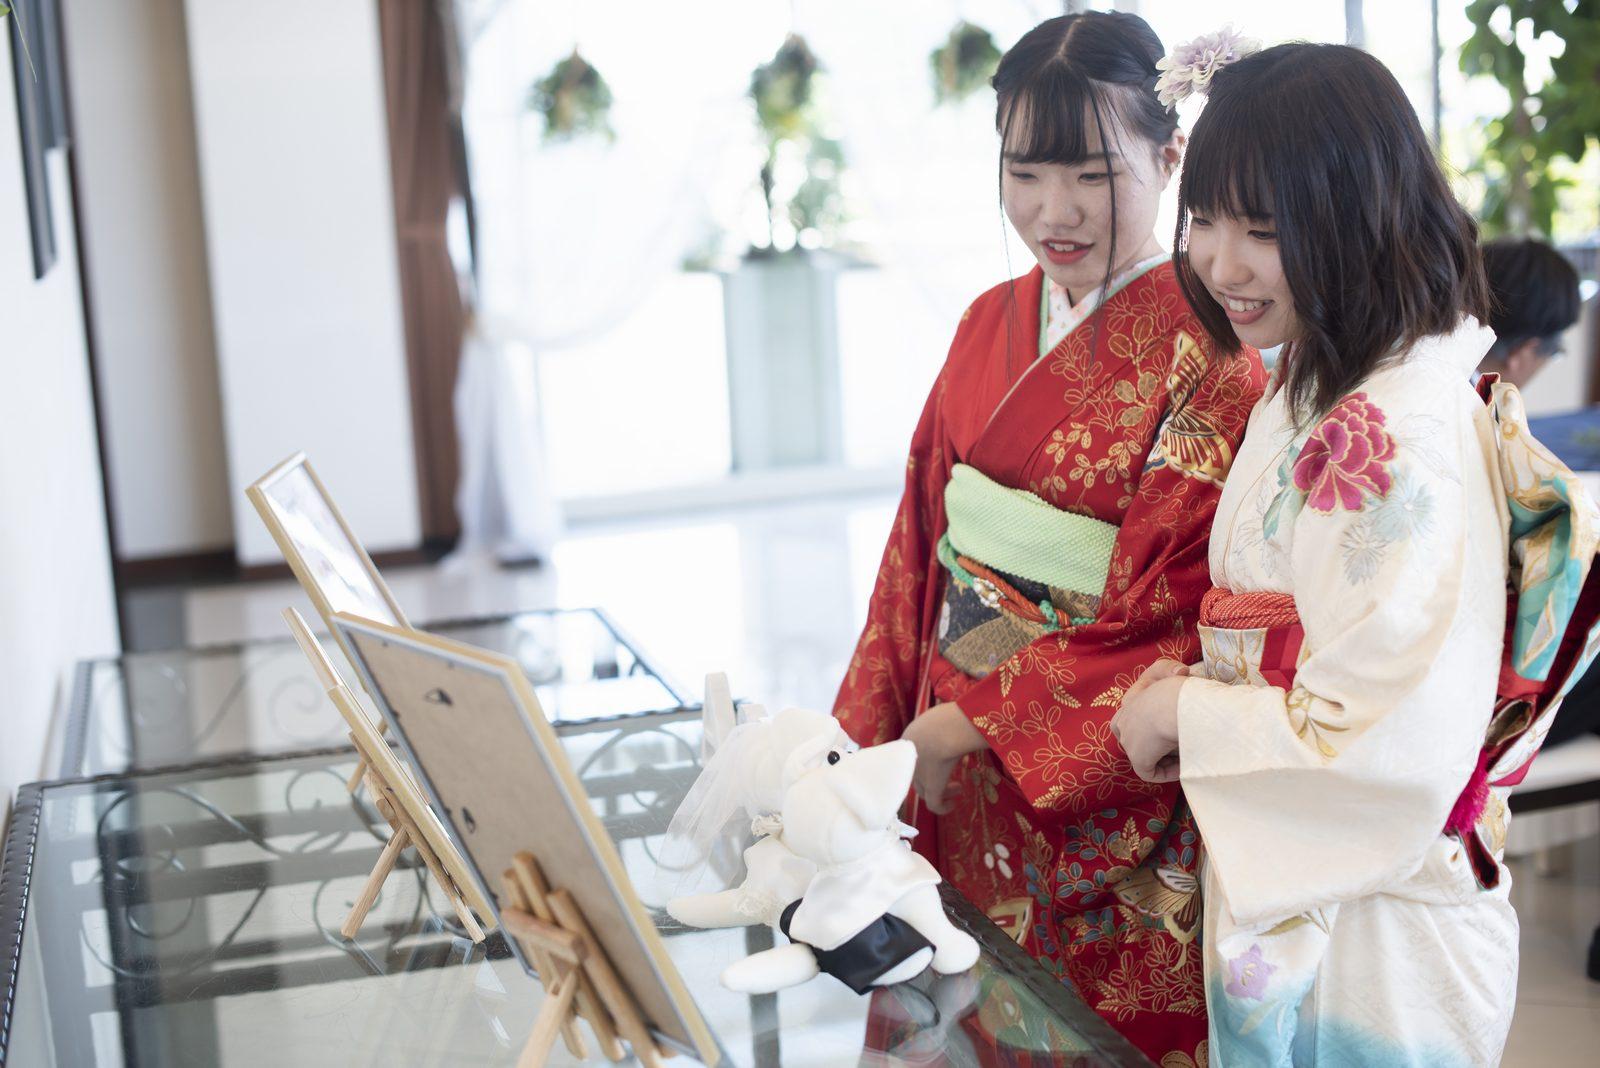 徳島市の結婚式場ブランアンジュで飾られた写真を見て思わず笑顔のゲスト